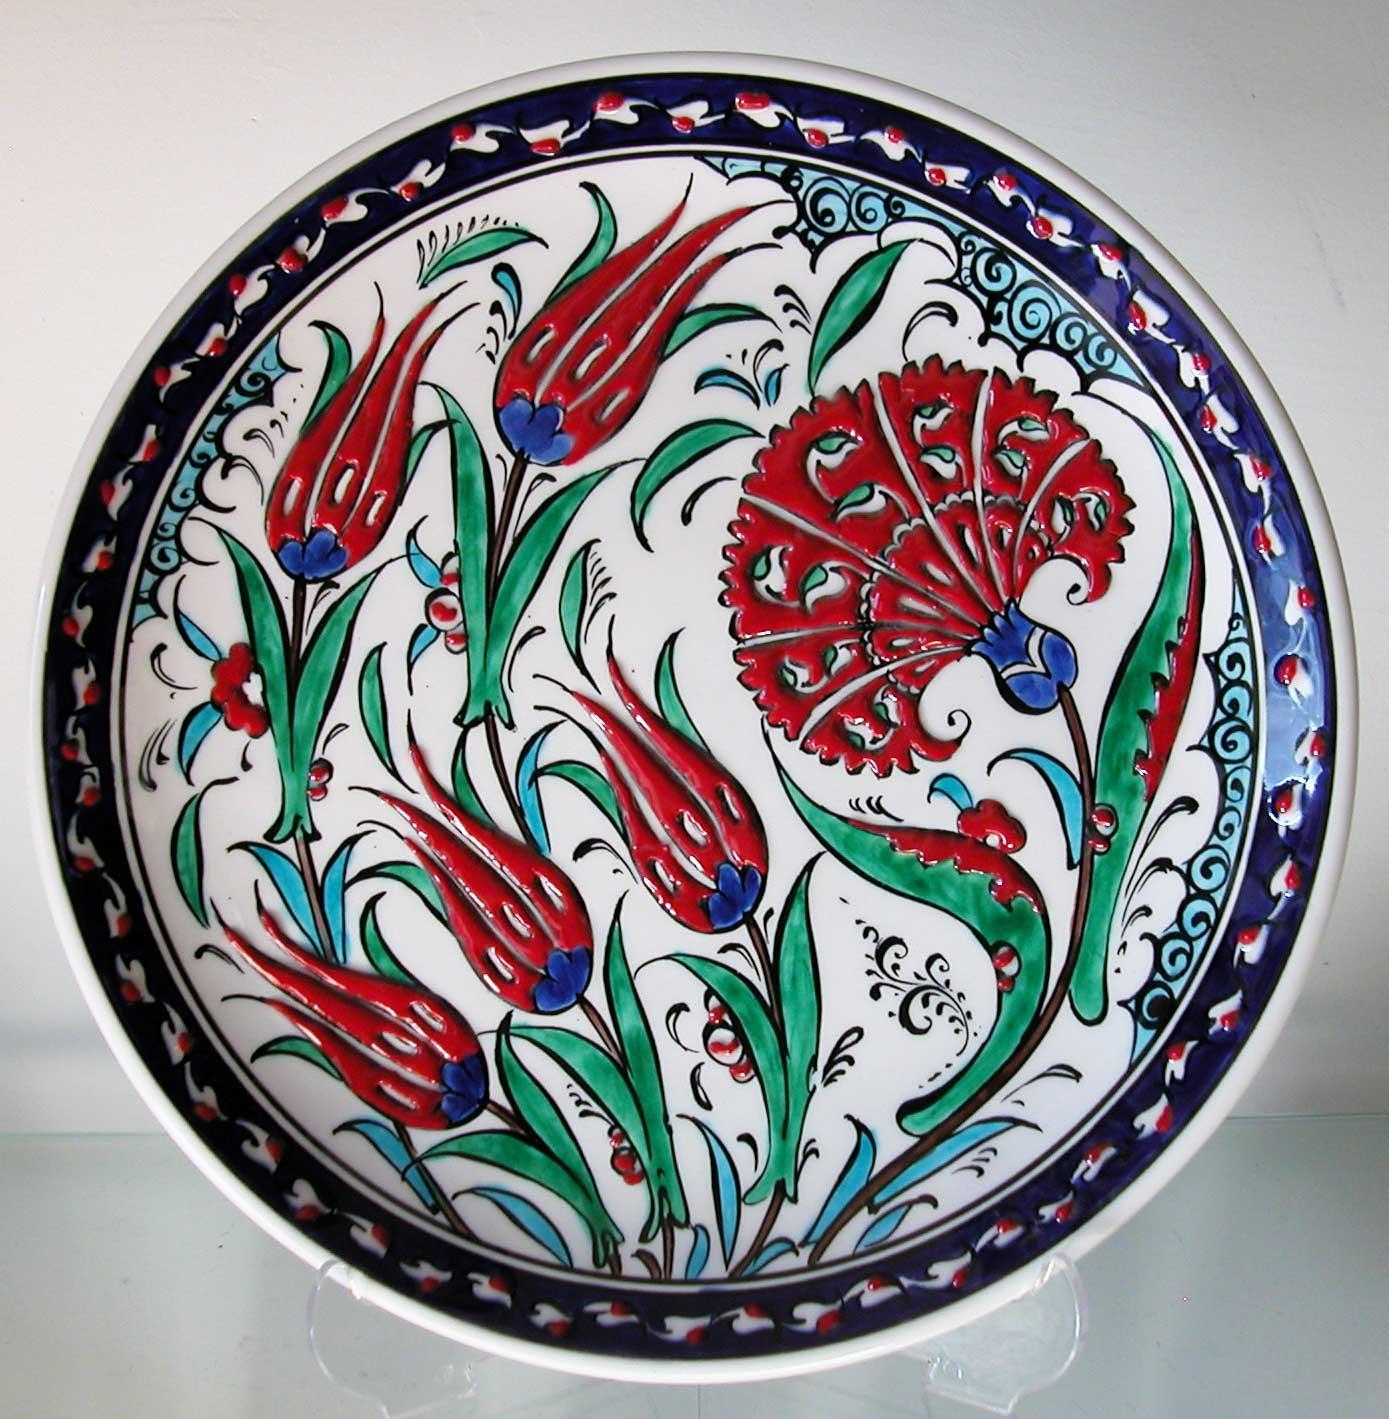 Türkiye İstanbul Hatırası En Güzel Hediyeler  Duvar ve Vitrin Süslemesi İçin Dekoratif Hediyeler